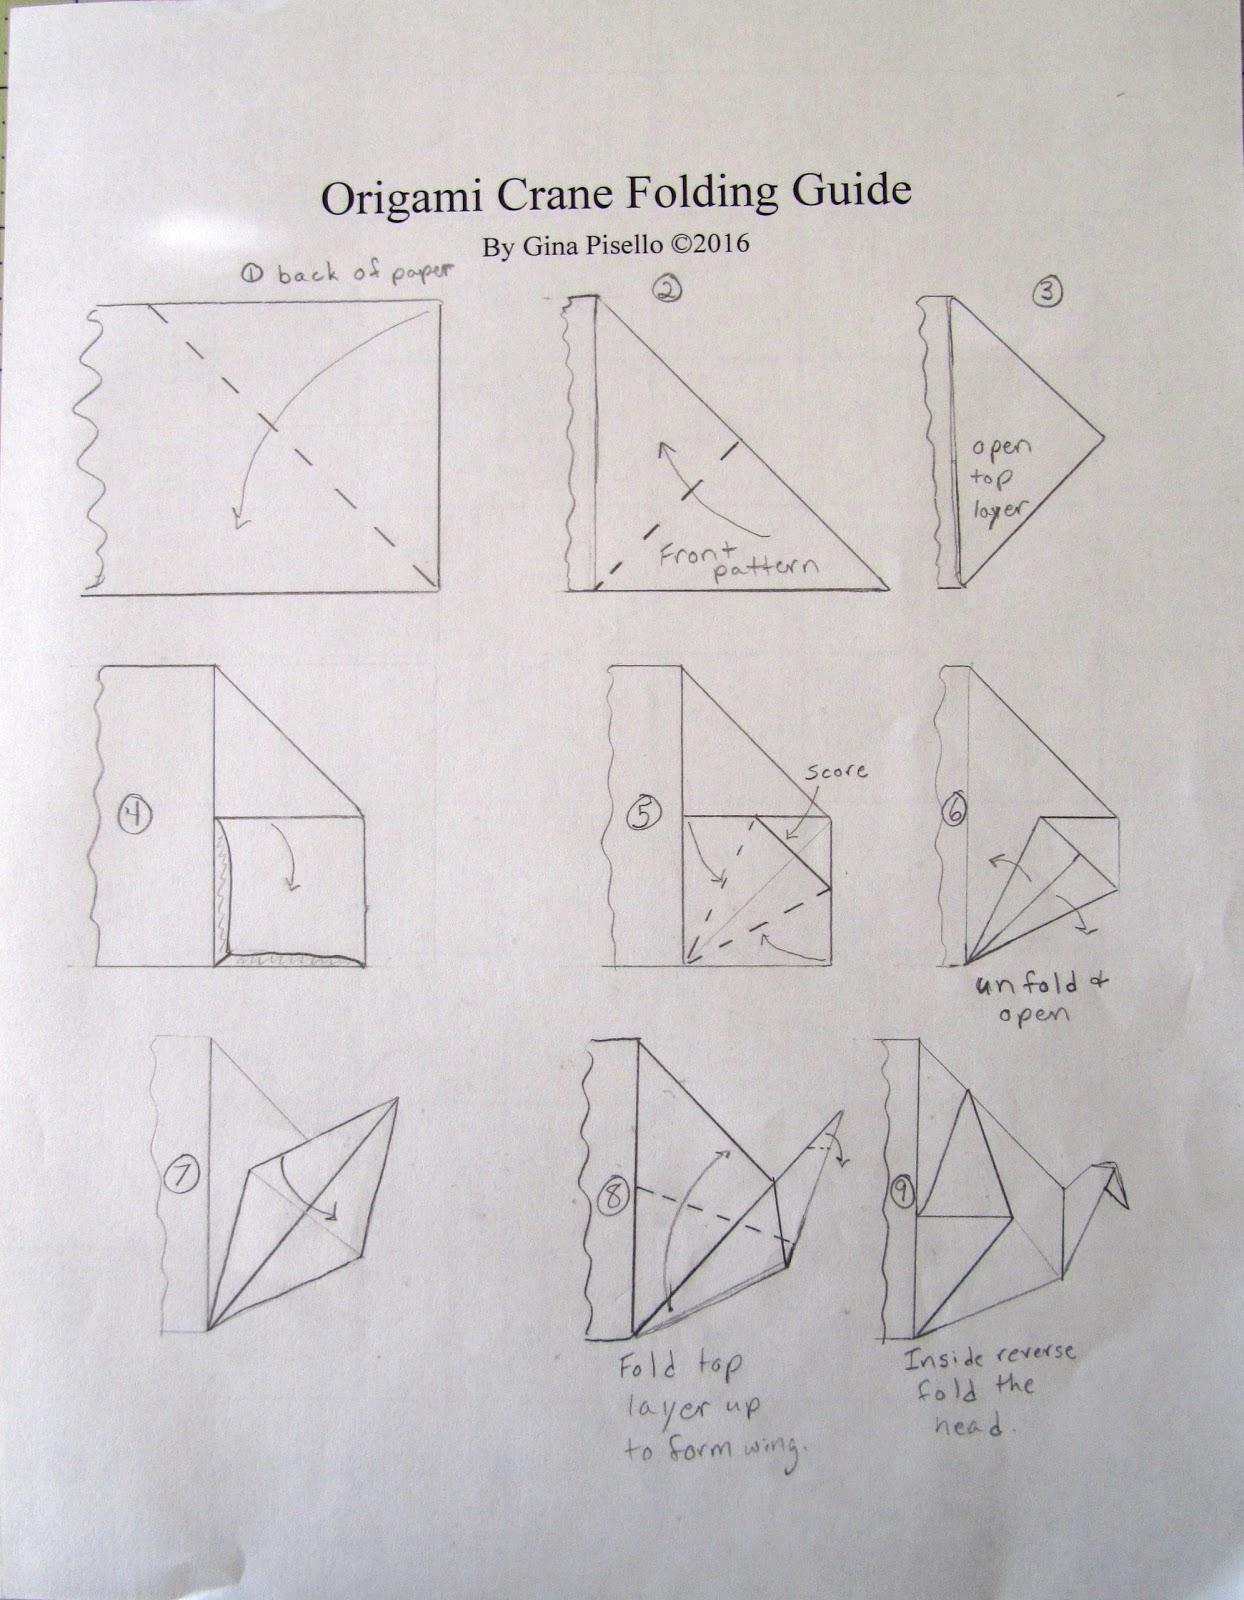 Origami Crane | Origami cisne, Instrucciones de origami, Pajaros ... | 1600x1244